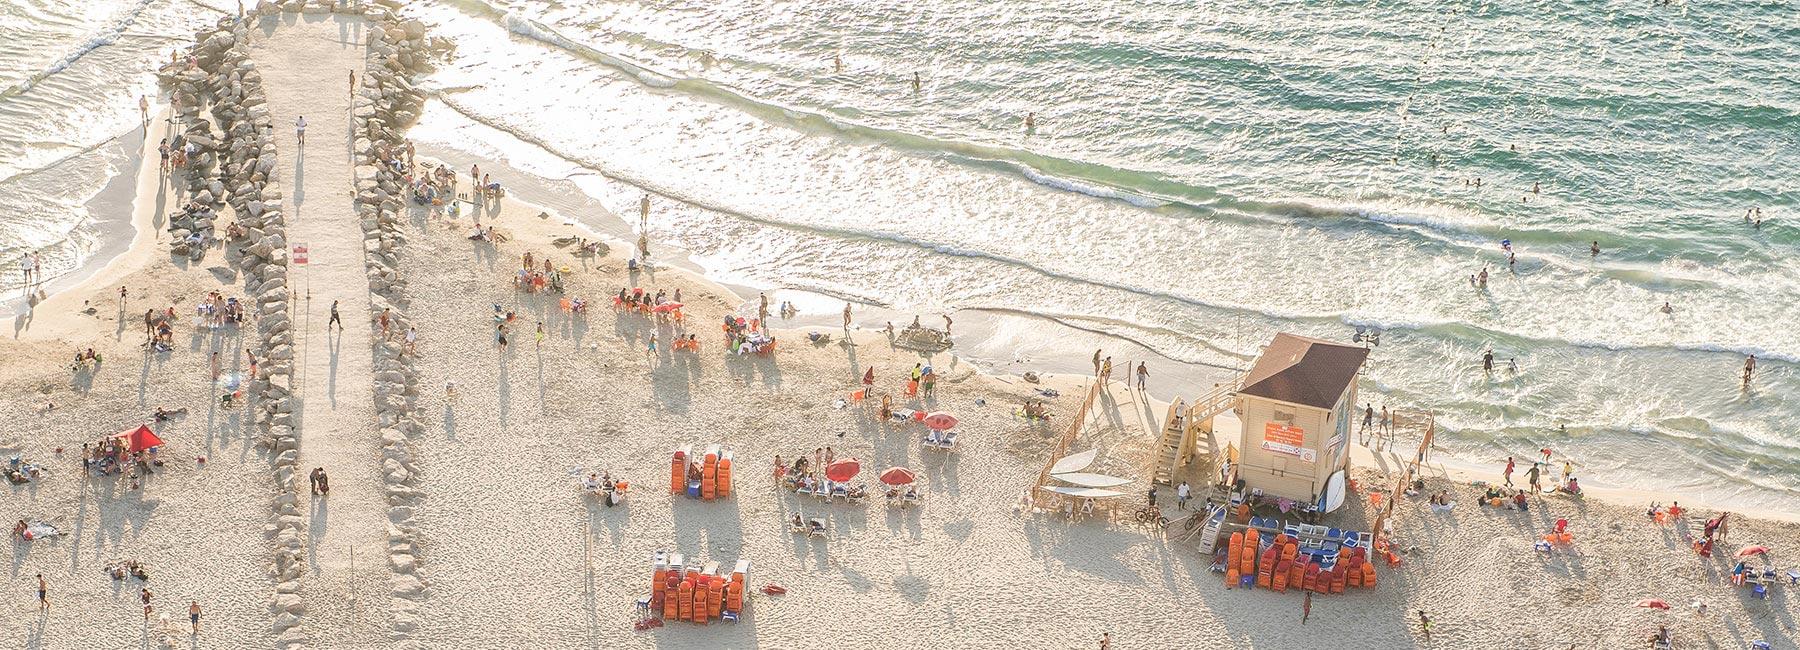 מסעדות יוקרה בתל אביב מול הים